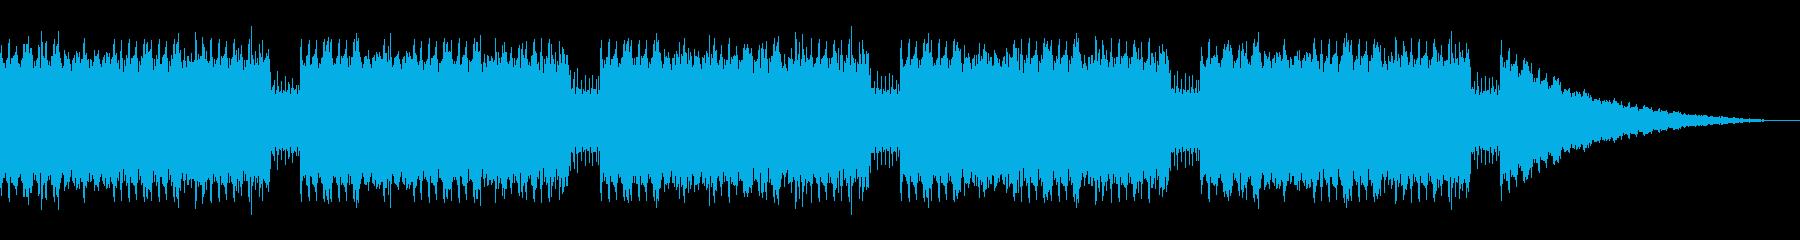 パズルゲームのBGM/ほのぼの/かわいいの再生済みの波形